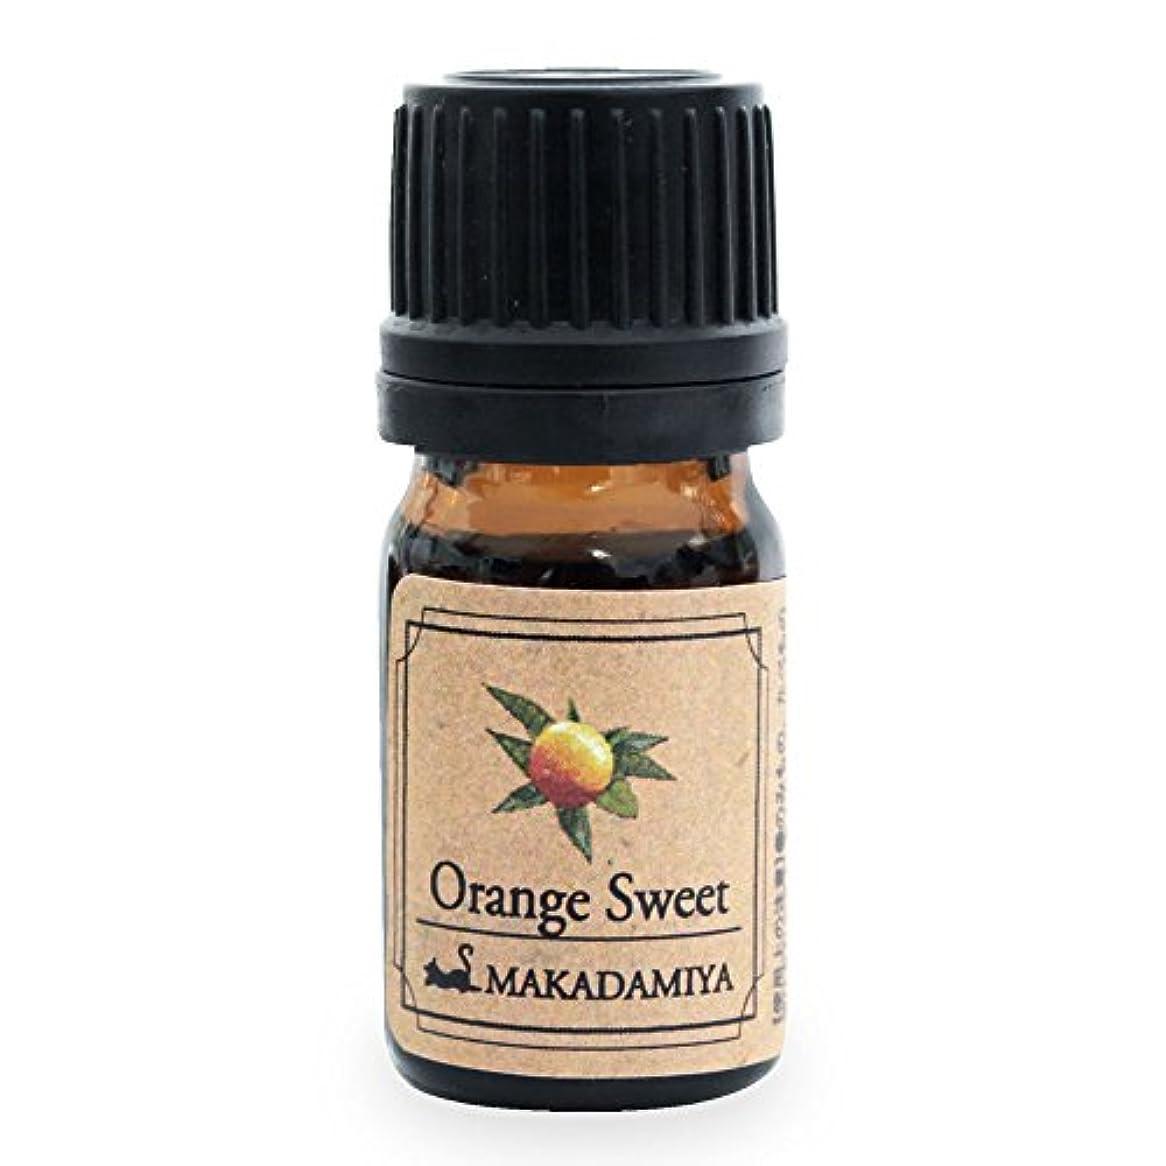 報酬の成長モバイルオレンジ?スイート5ml 天然100%植物性 エッセンシャルオイル(精油) アロマオイル アロママッサージ aroma Orange Sweet